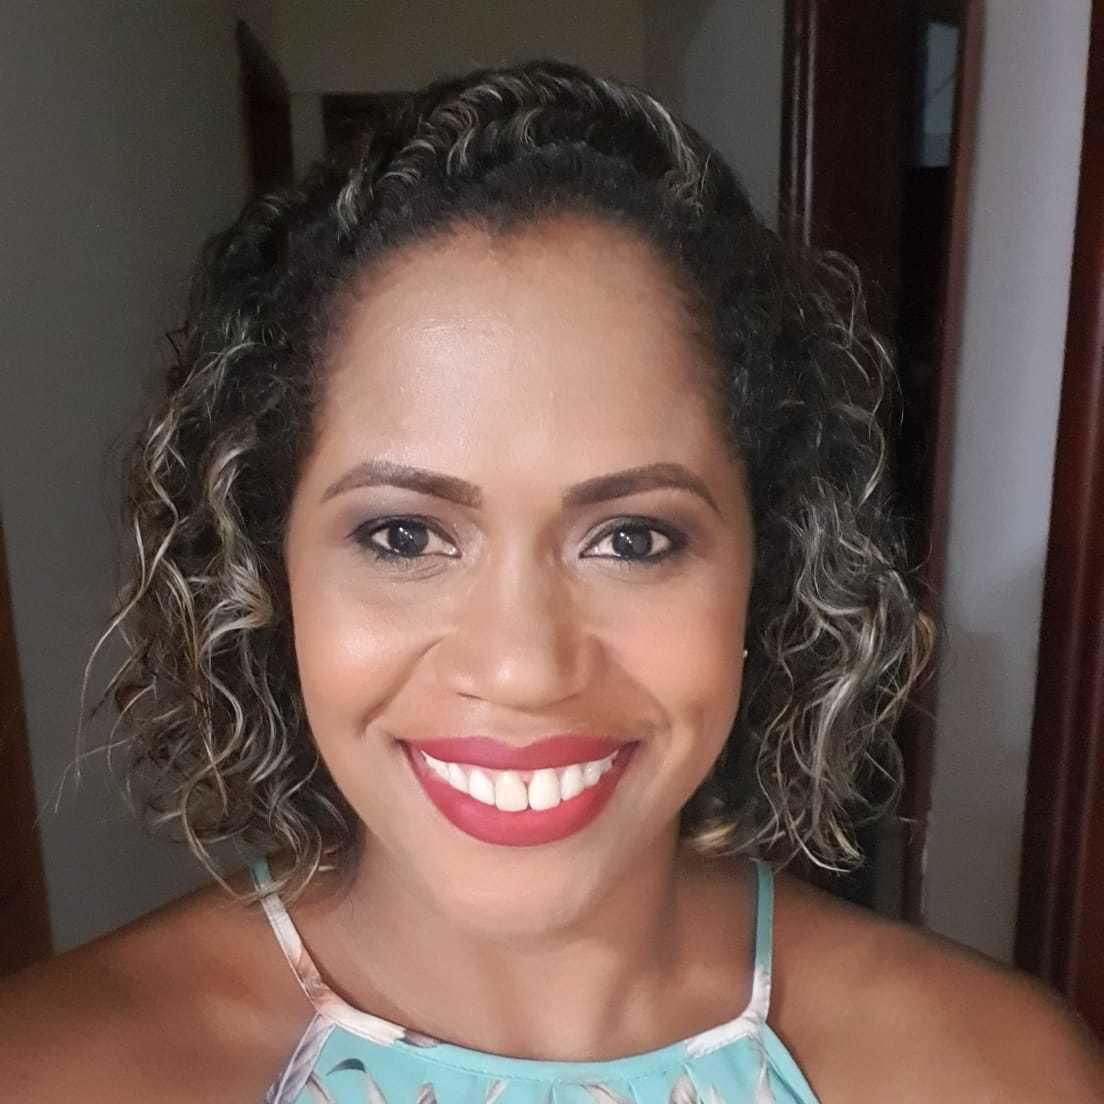 Silvana diz que pessoas brincam com a própria vida (Foto: Arquivo Pessoal)